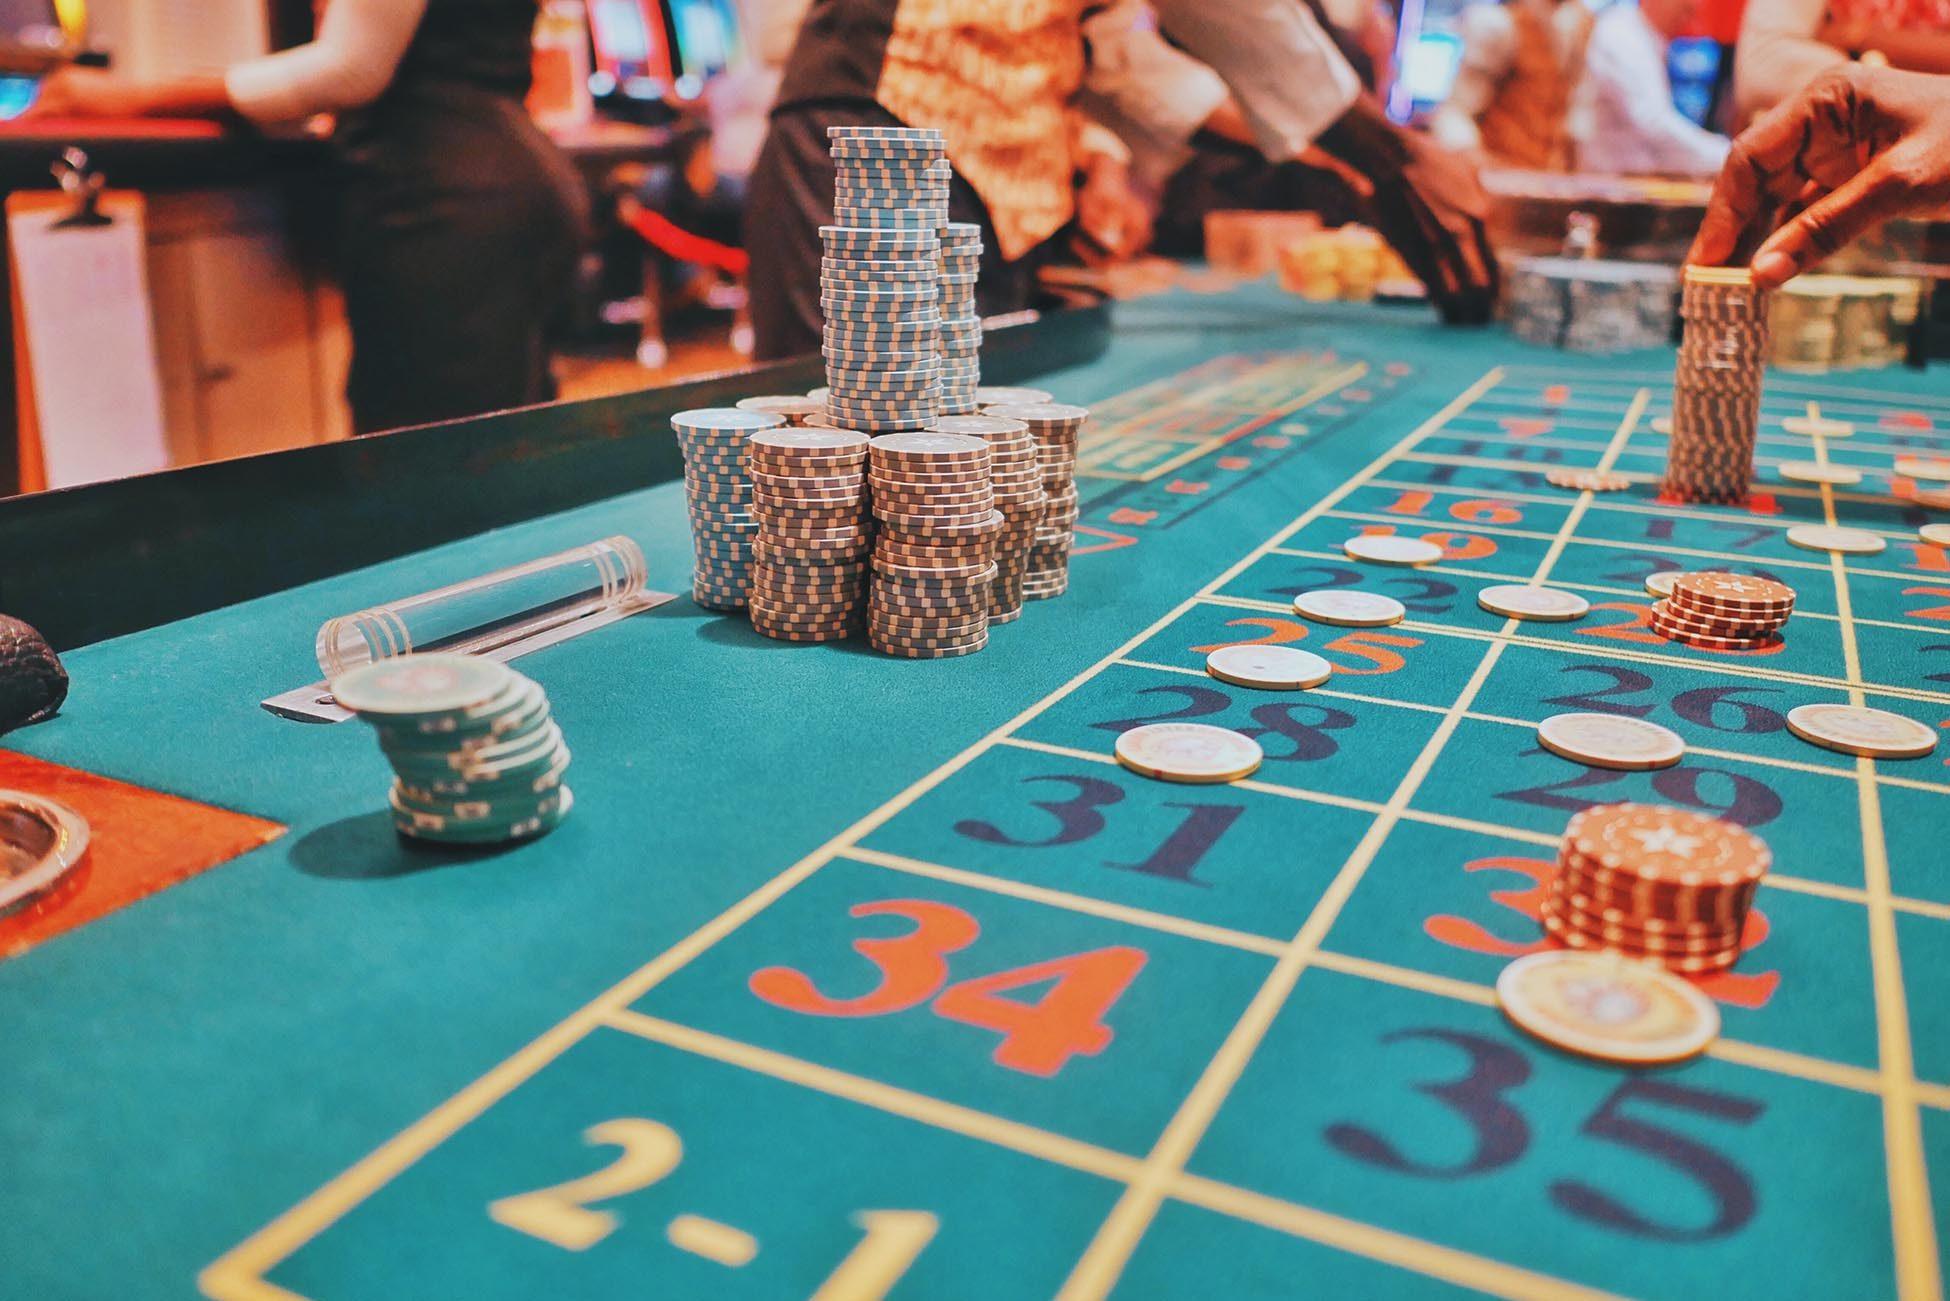 Connecticut Catholic Bishops Release Statement Opposing Casino Gambling